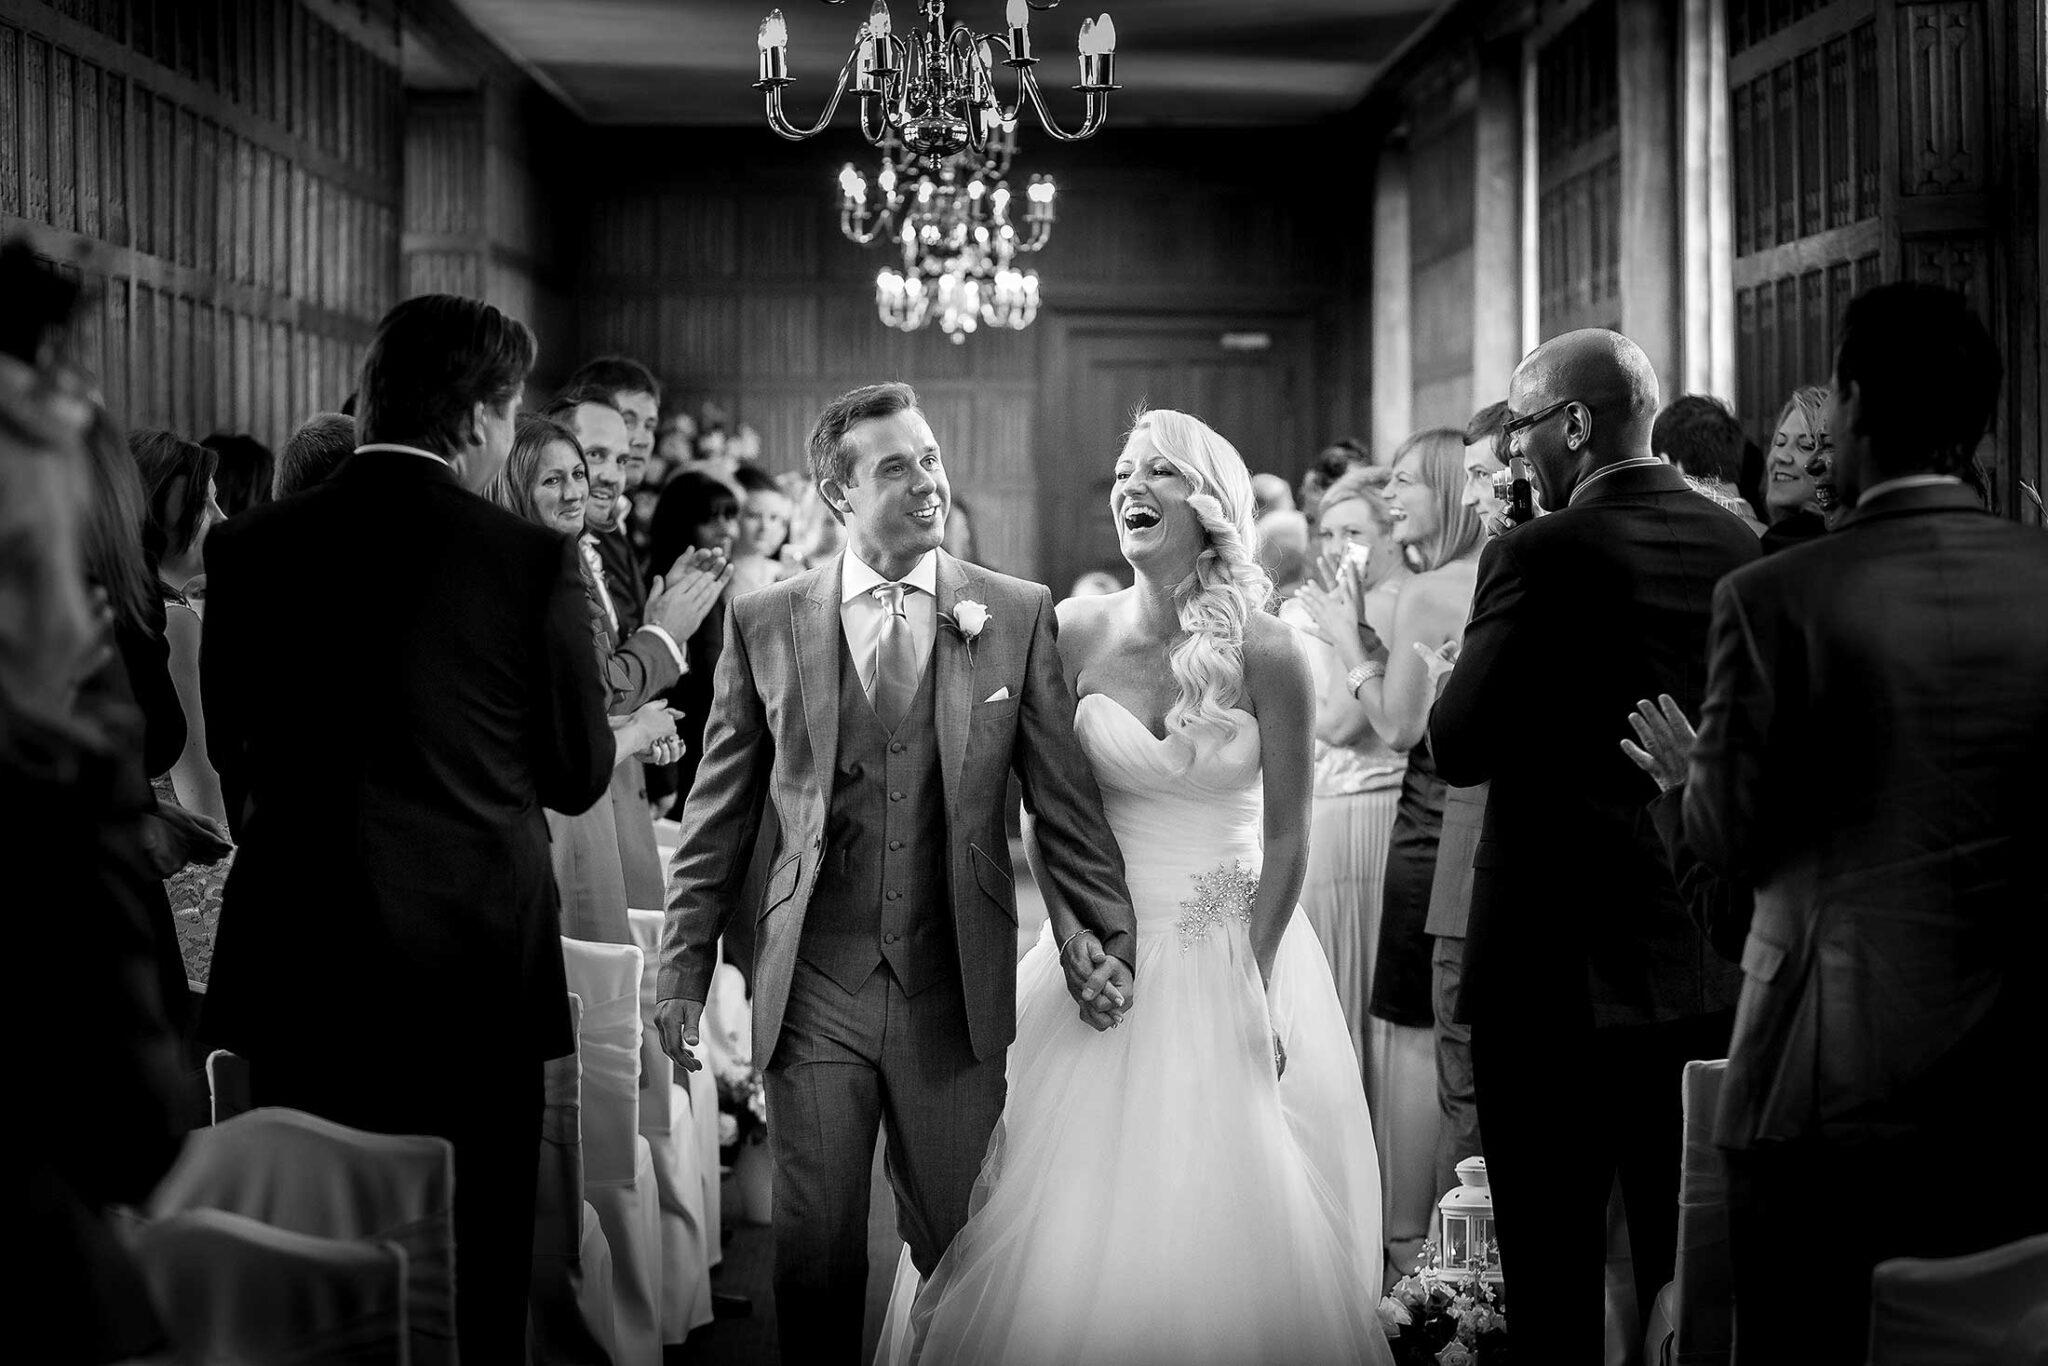 Gosfield Hall wedding of Sharyn and Mark